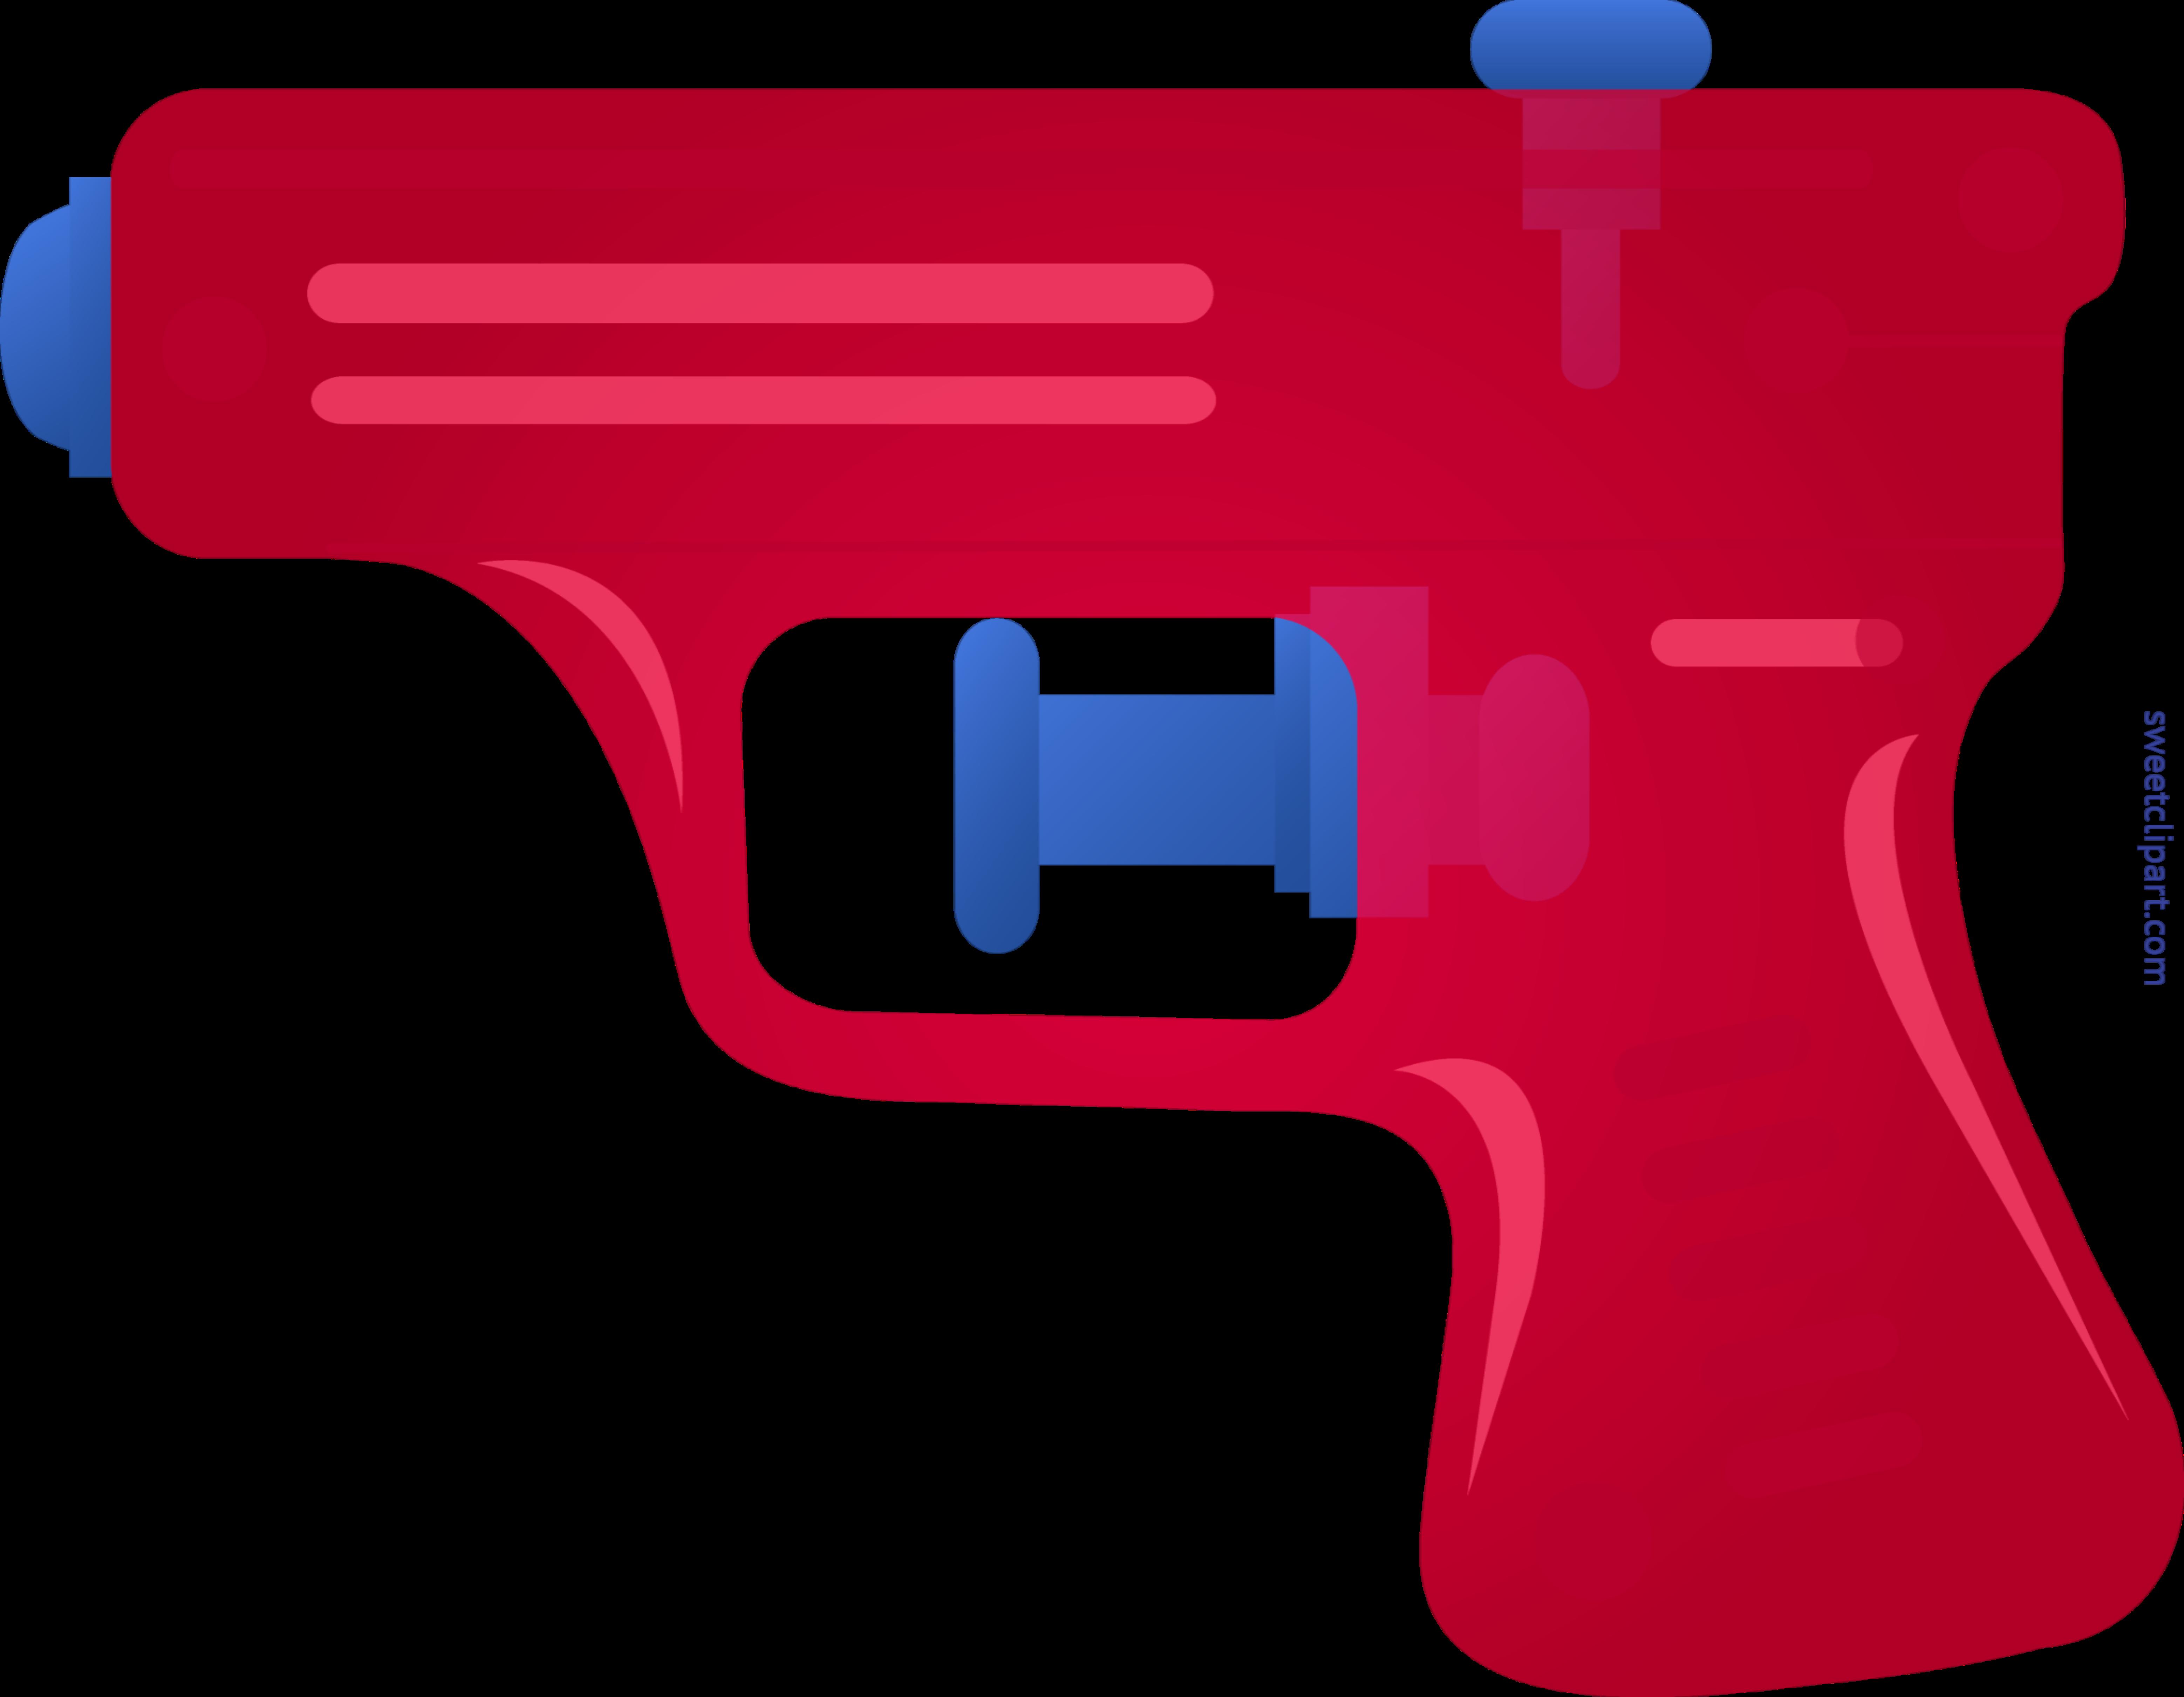 water gun clipart at getdrawings com free for personal use water rh getdrawings com clip art gunsite clip art gun safe